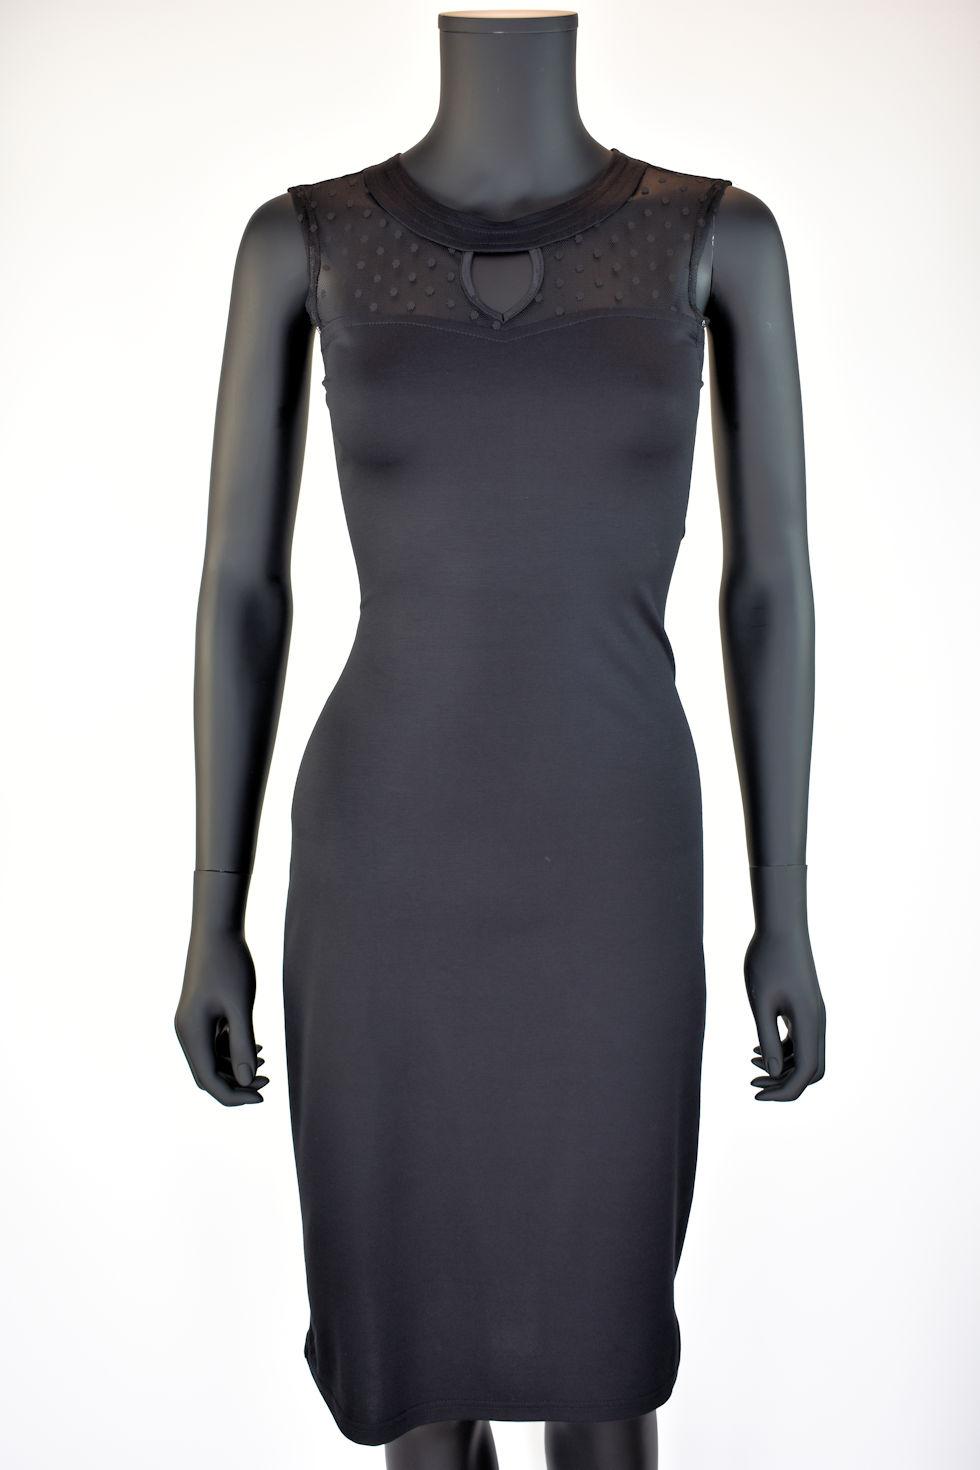 Tunique ou robe noire ajustée avec ou sans manches. Dentelle à pois. Création signée Collection Space